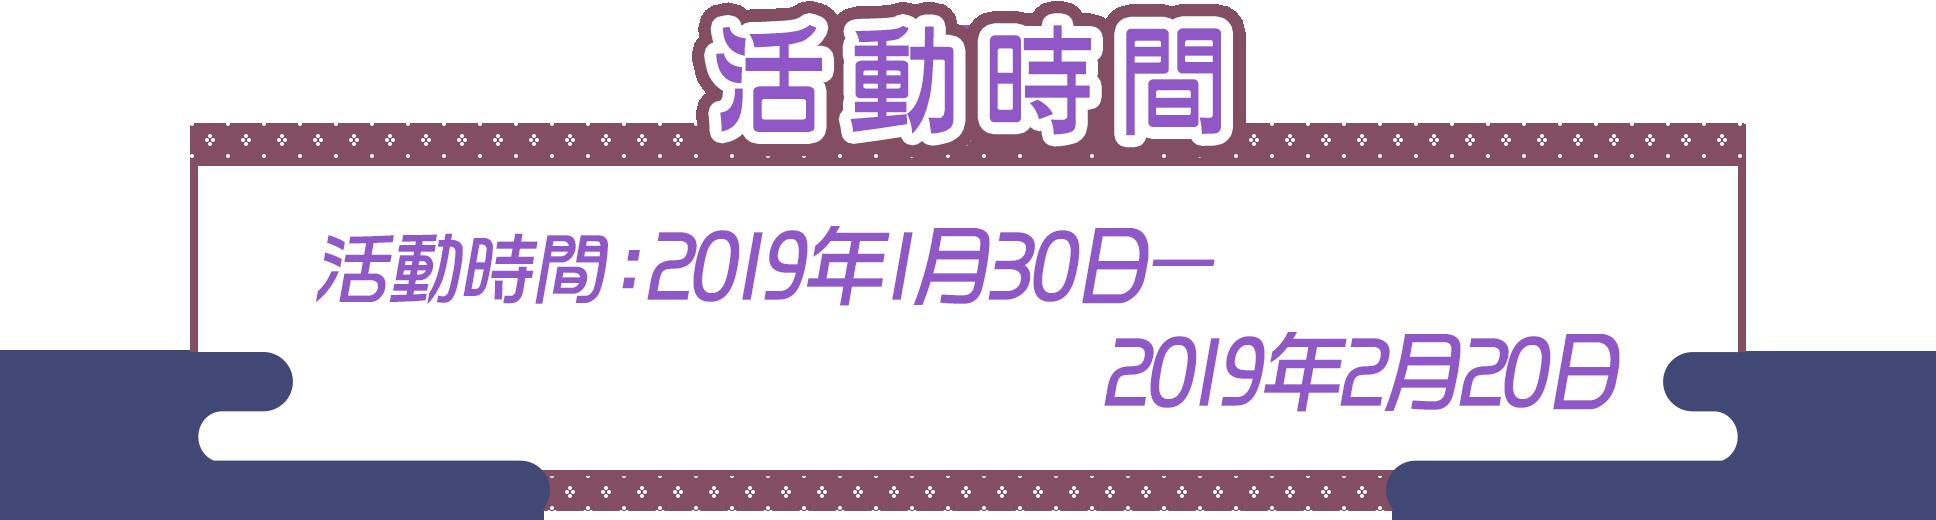 合作活動START!